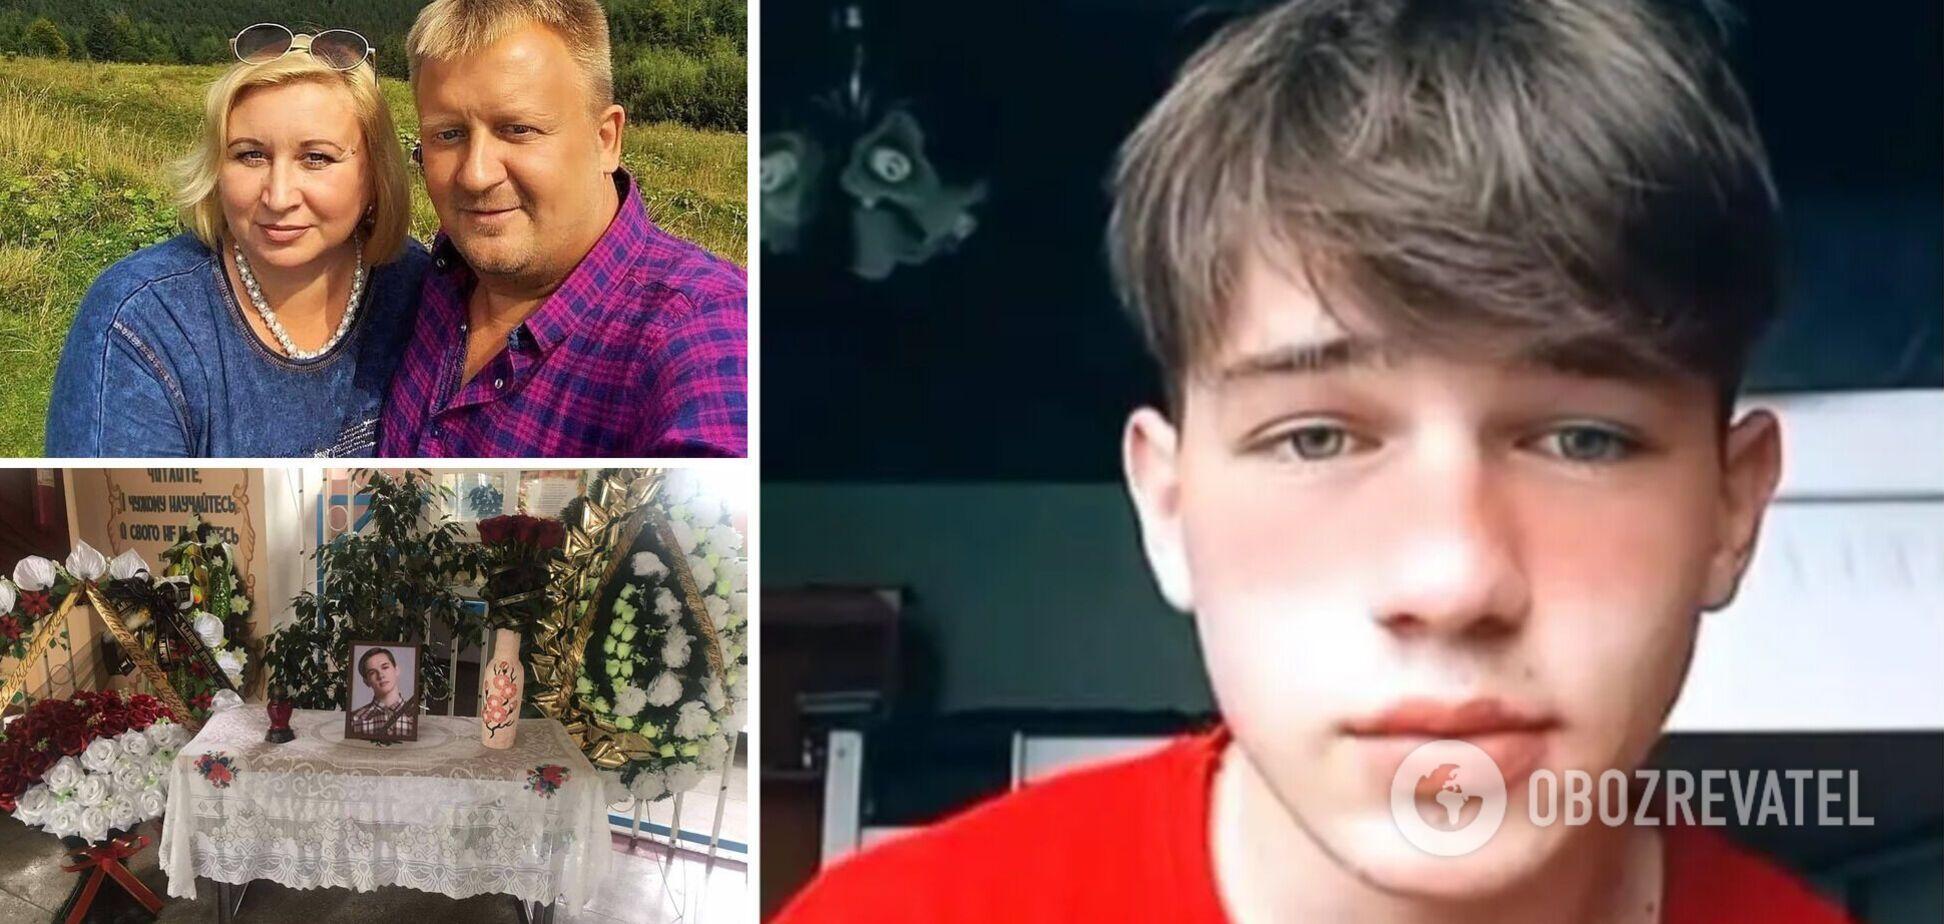 В Киеве подросток покончил с собой после смерти родителей от COVID-19: стали известны новые подробности